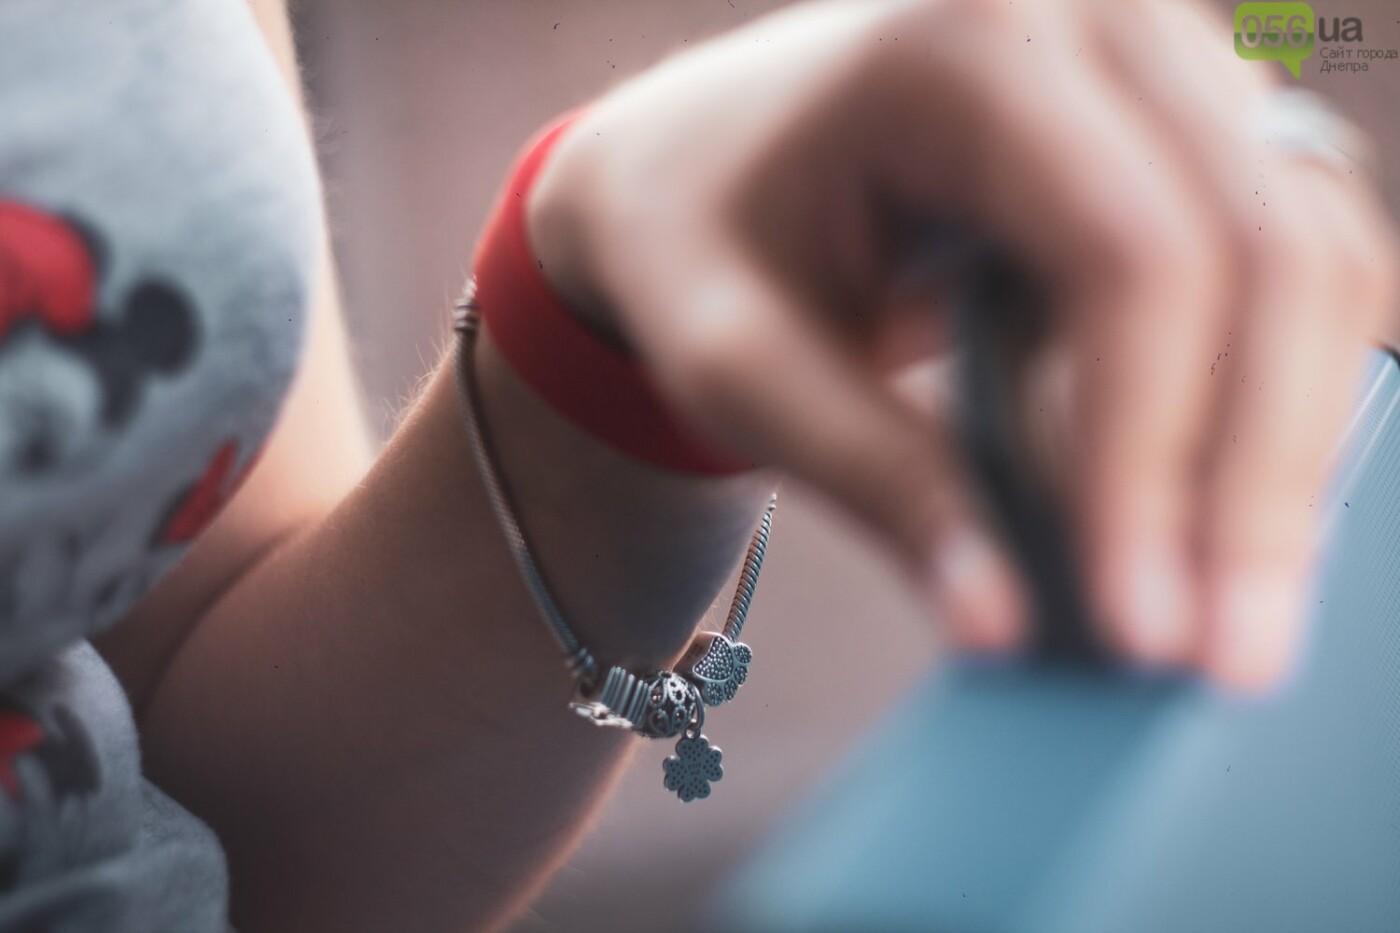 «Меня спрашивали: «А когда ты умрешь?», - днепрянка Катя Лебедь о борьбе с раком, сложностях химиотерапии и уверенности в своей победе, - ФОТО, фото-7